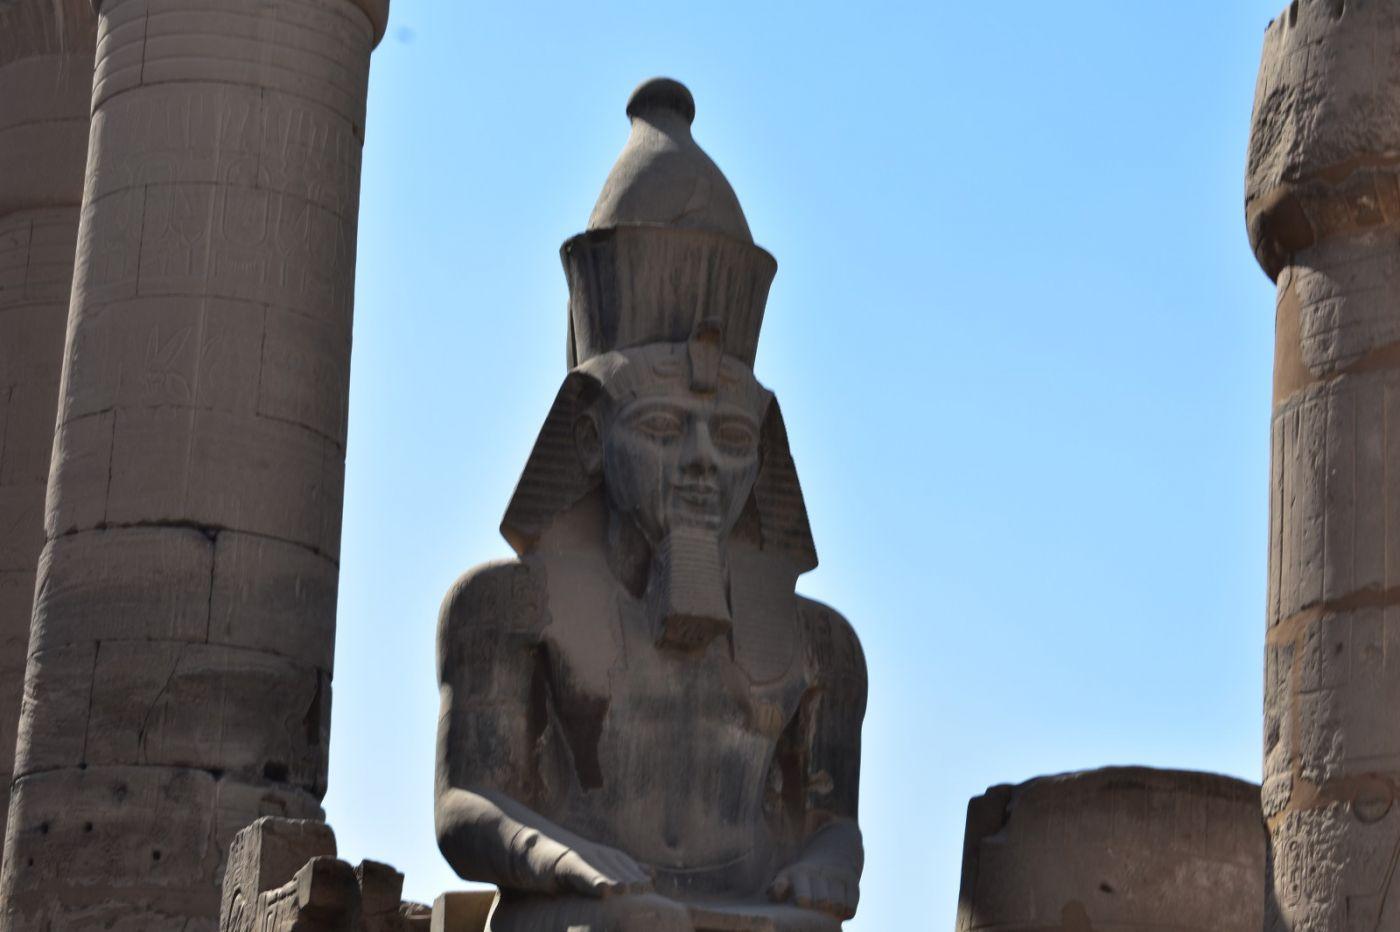 埃德富神庙和卢克索神庙_图1-29